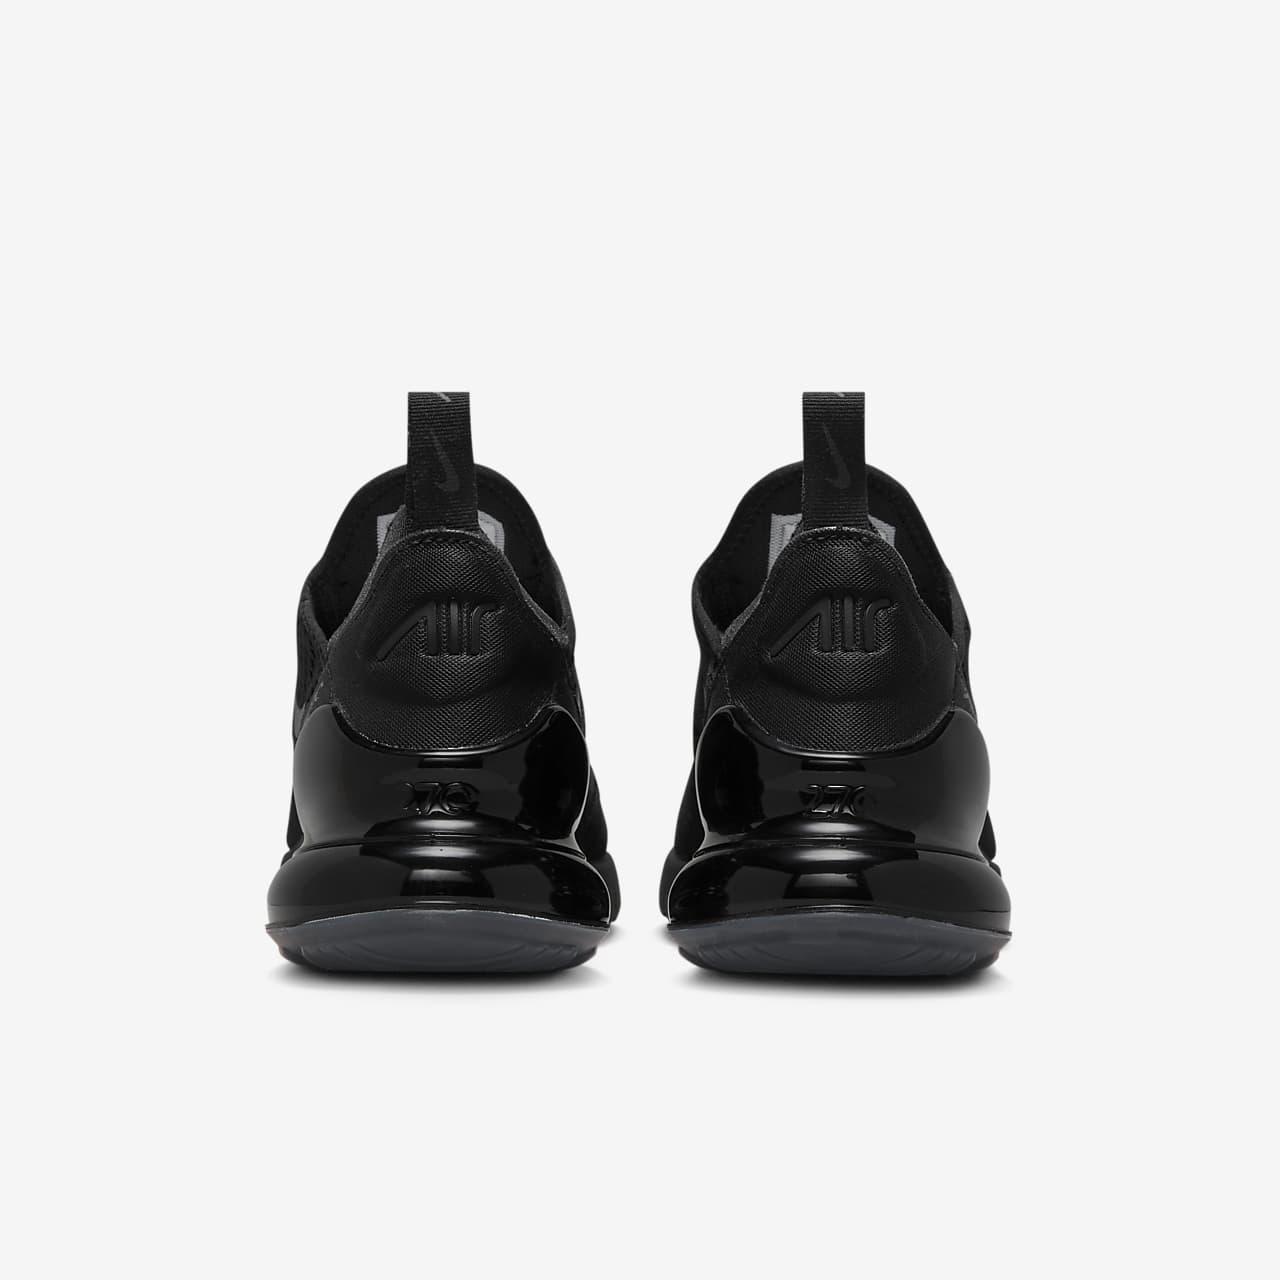 Cipő NIKE Air Max 270 AH6789 006 BlackBlackBlack